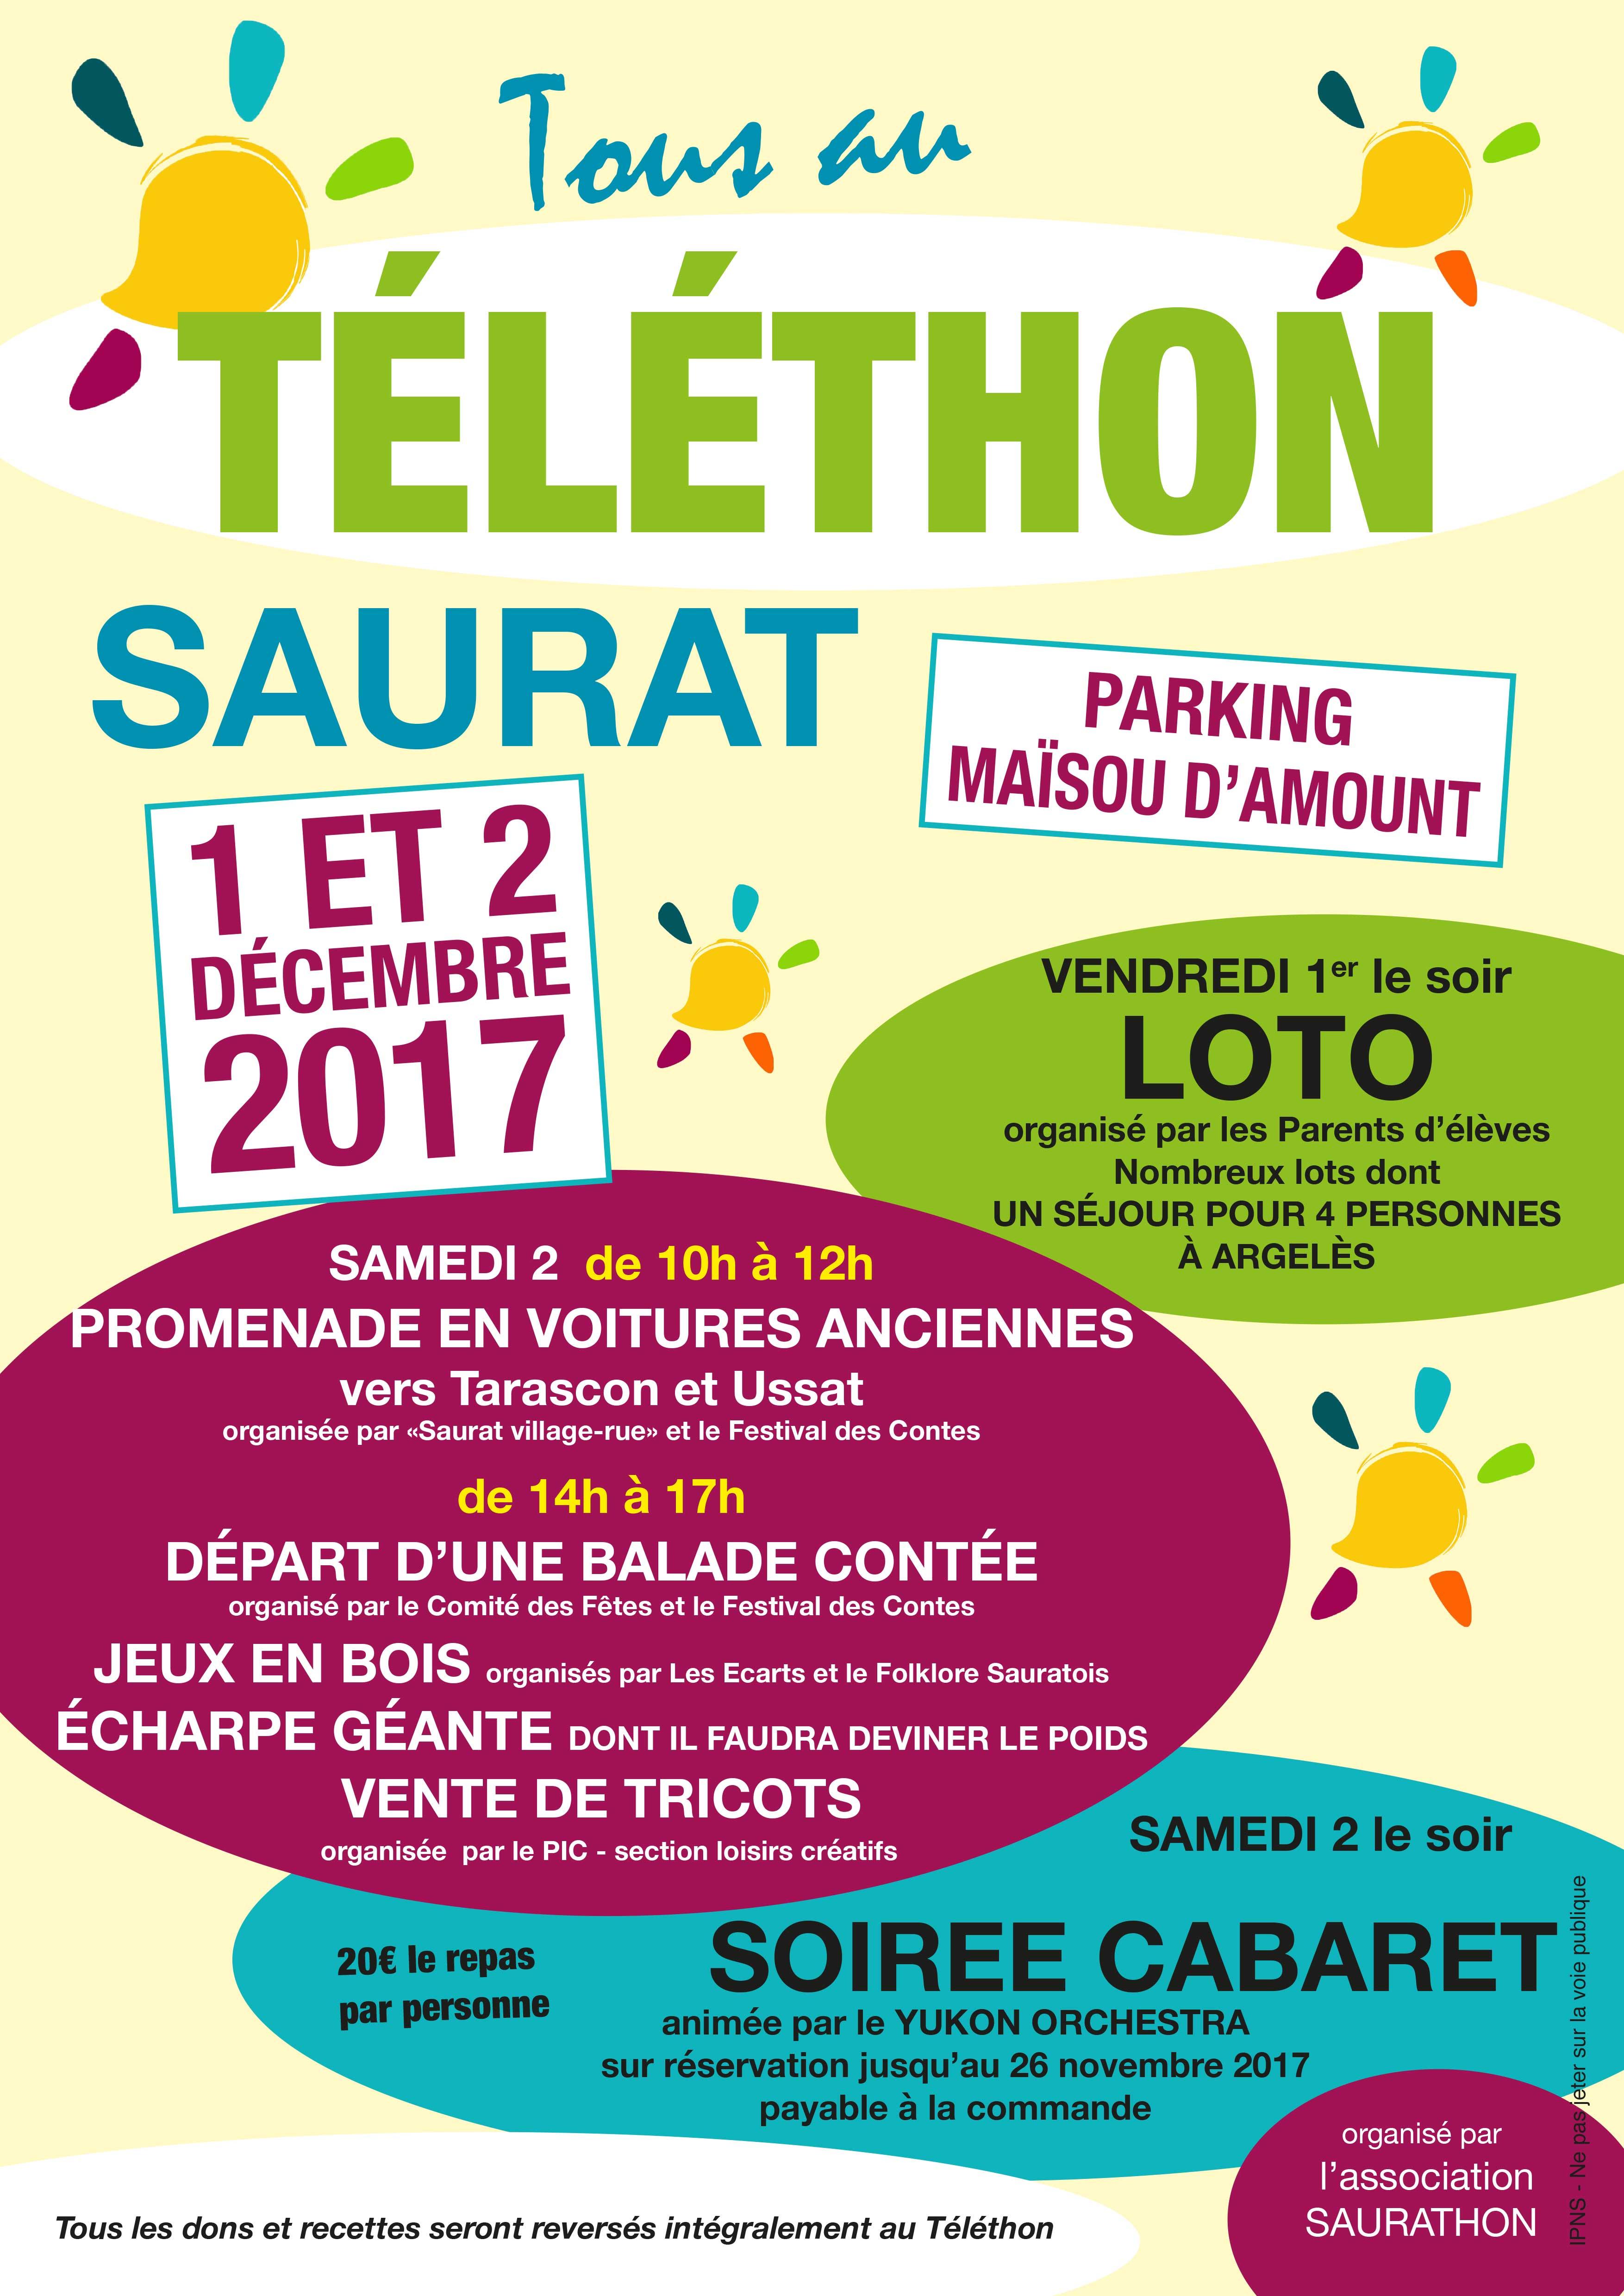 Téléthon Saurat 1 et 2 décembre 2017